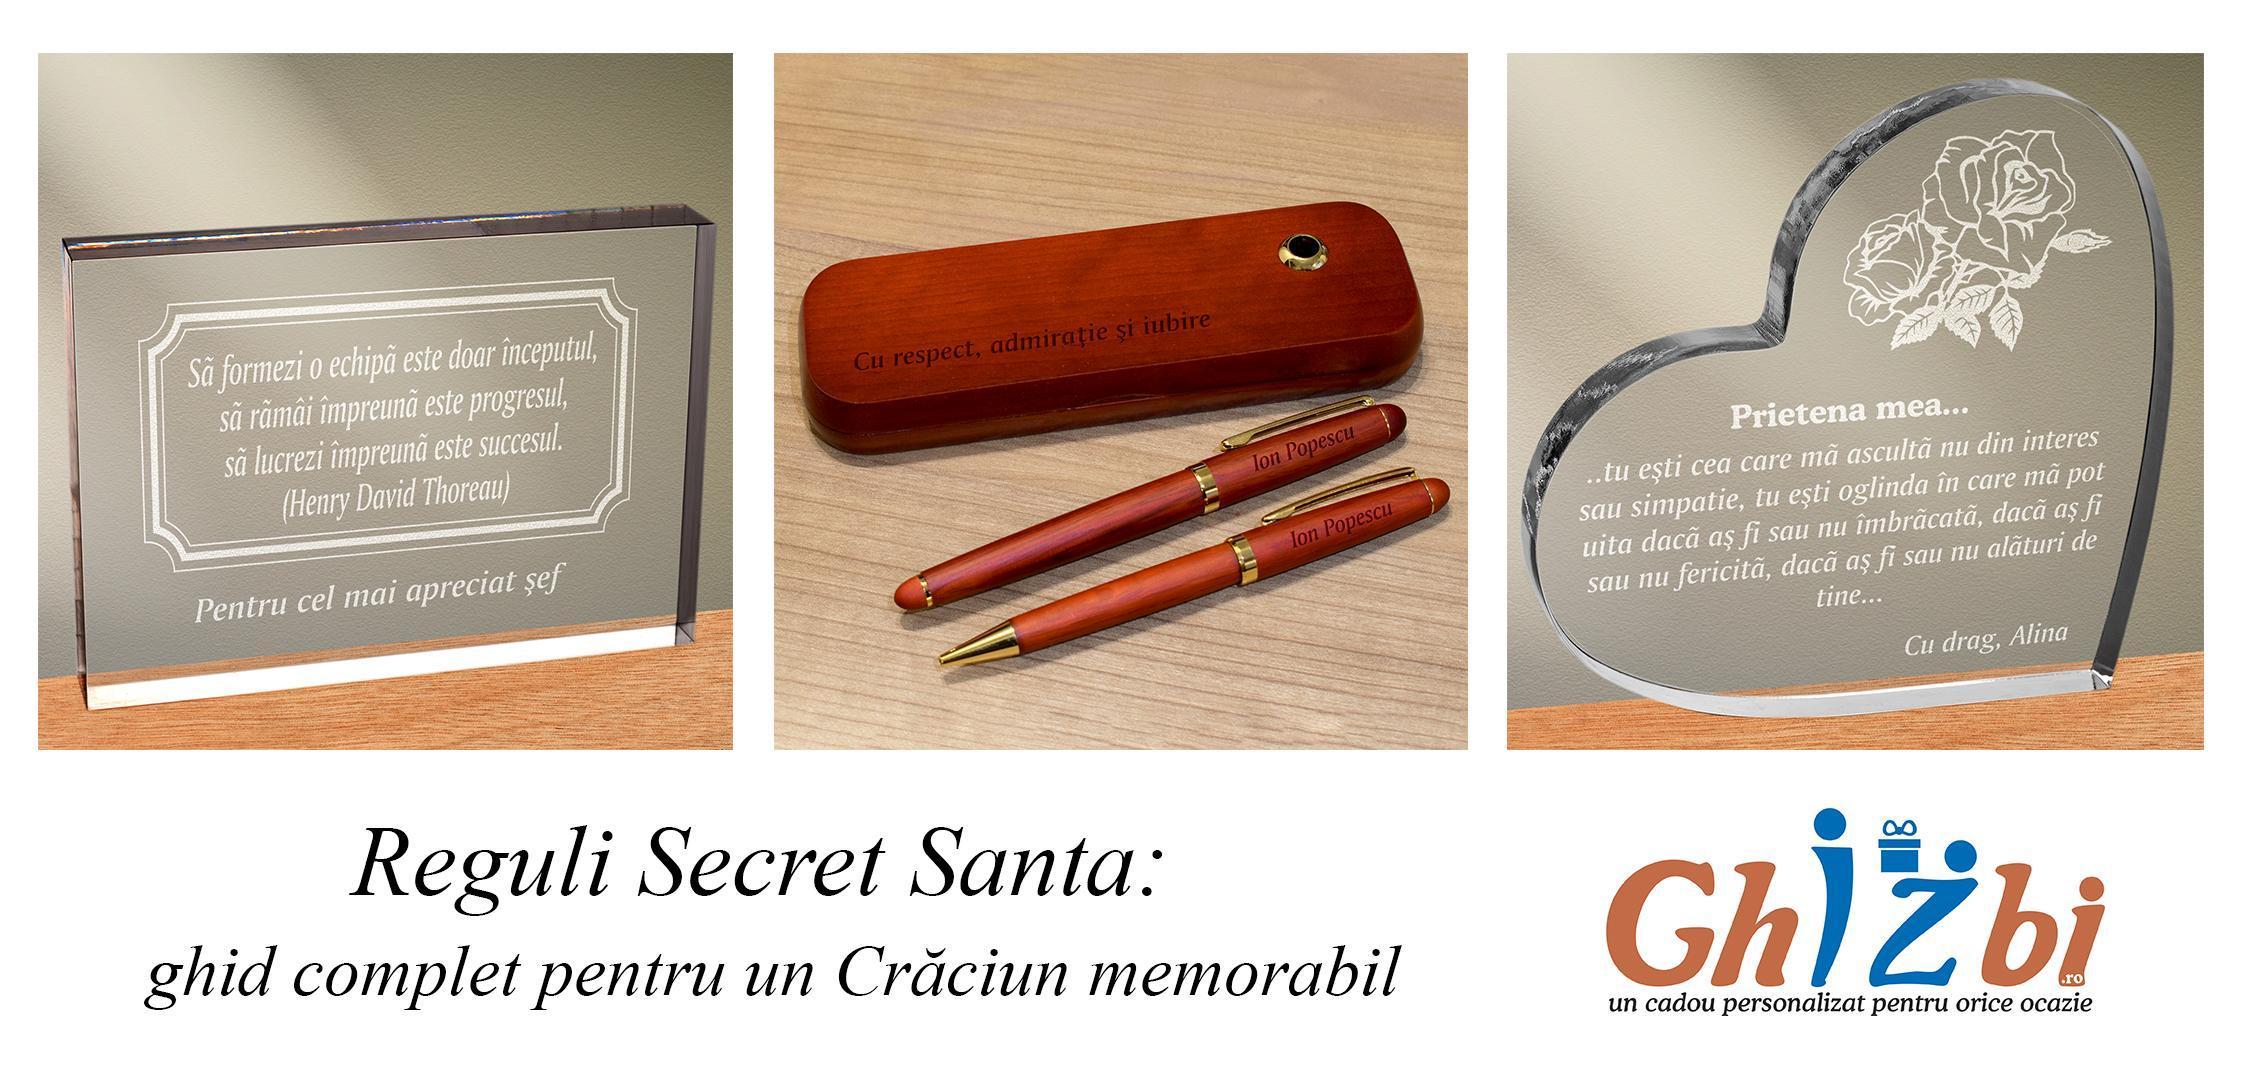 Reguli Secret Santa: ghid complet pentru un Crăciun memorabil